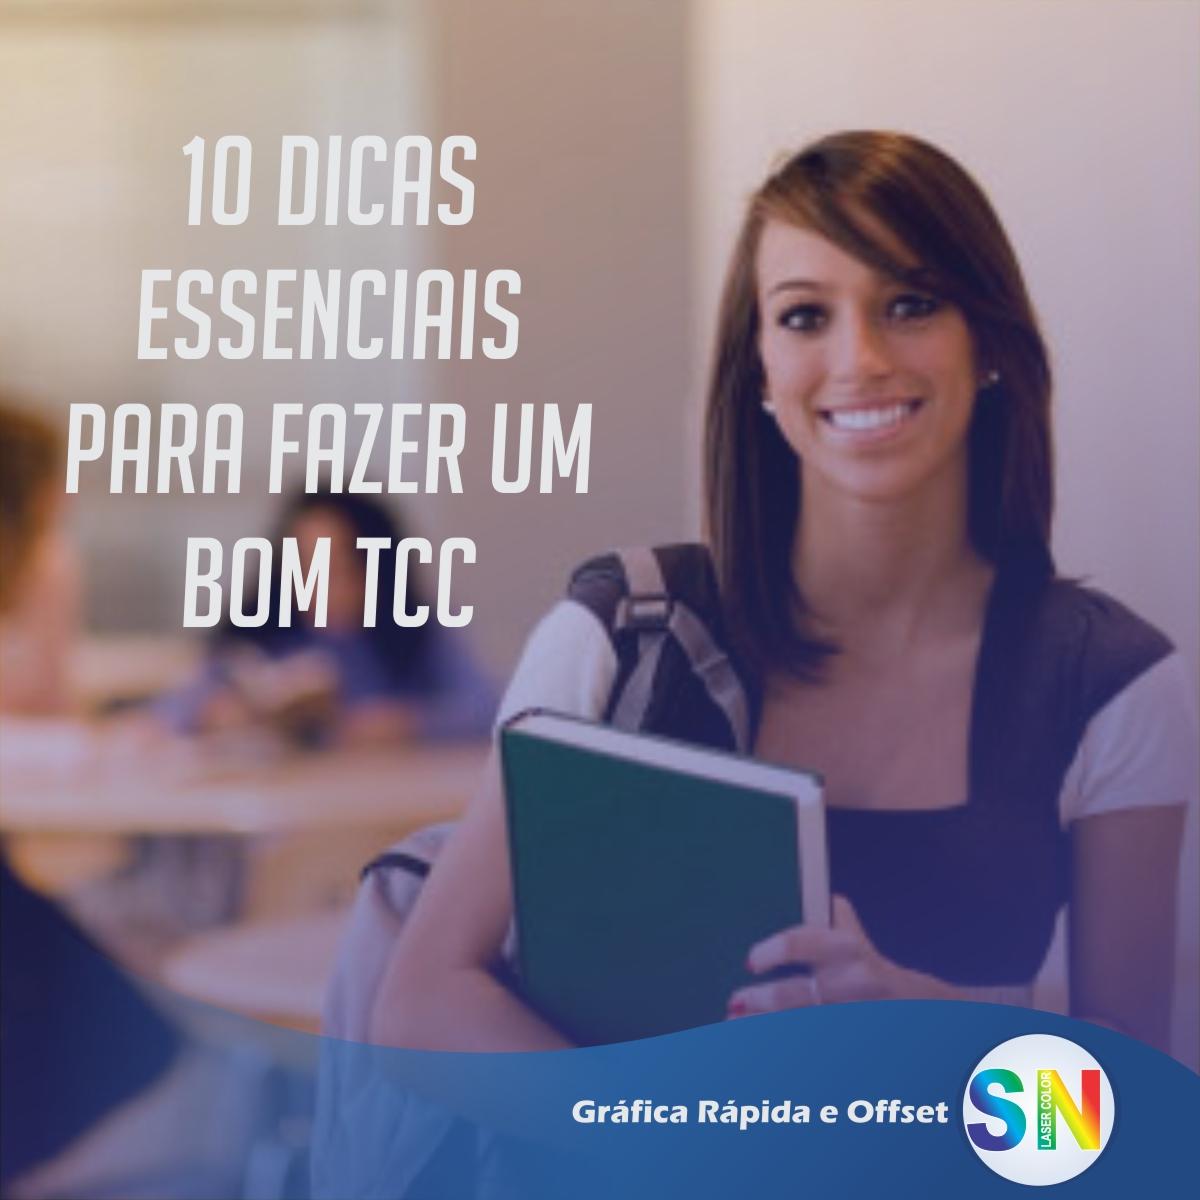 10 dicas essenciais para fazer um bom TCC